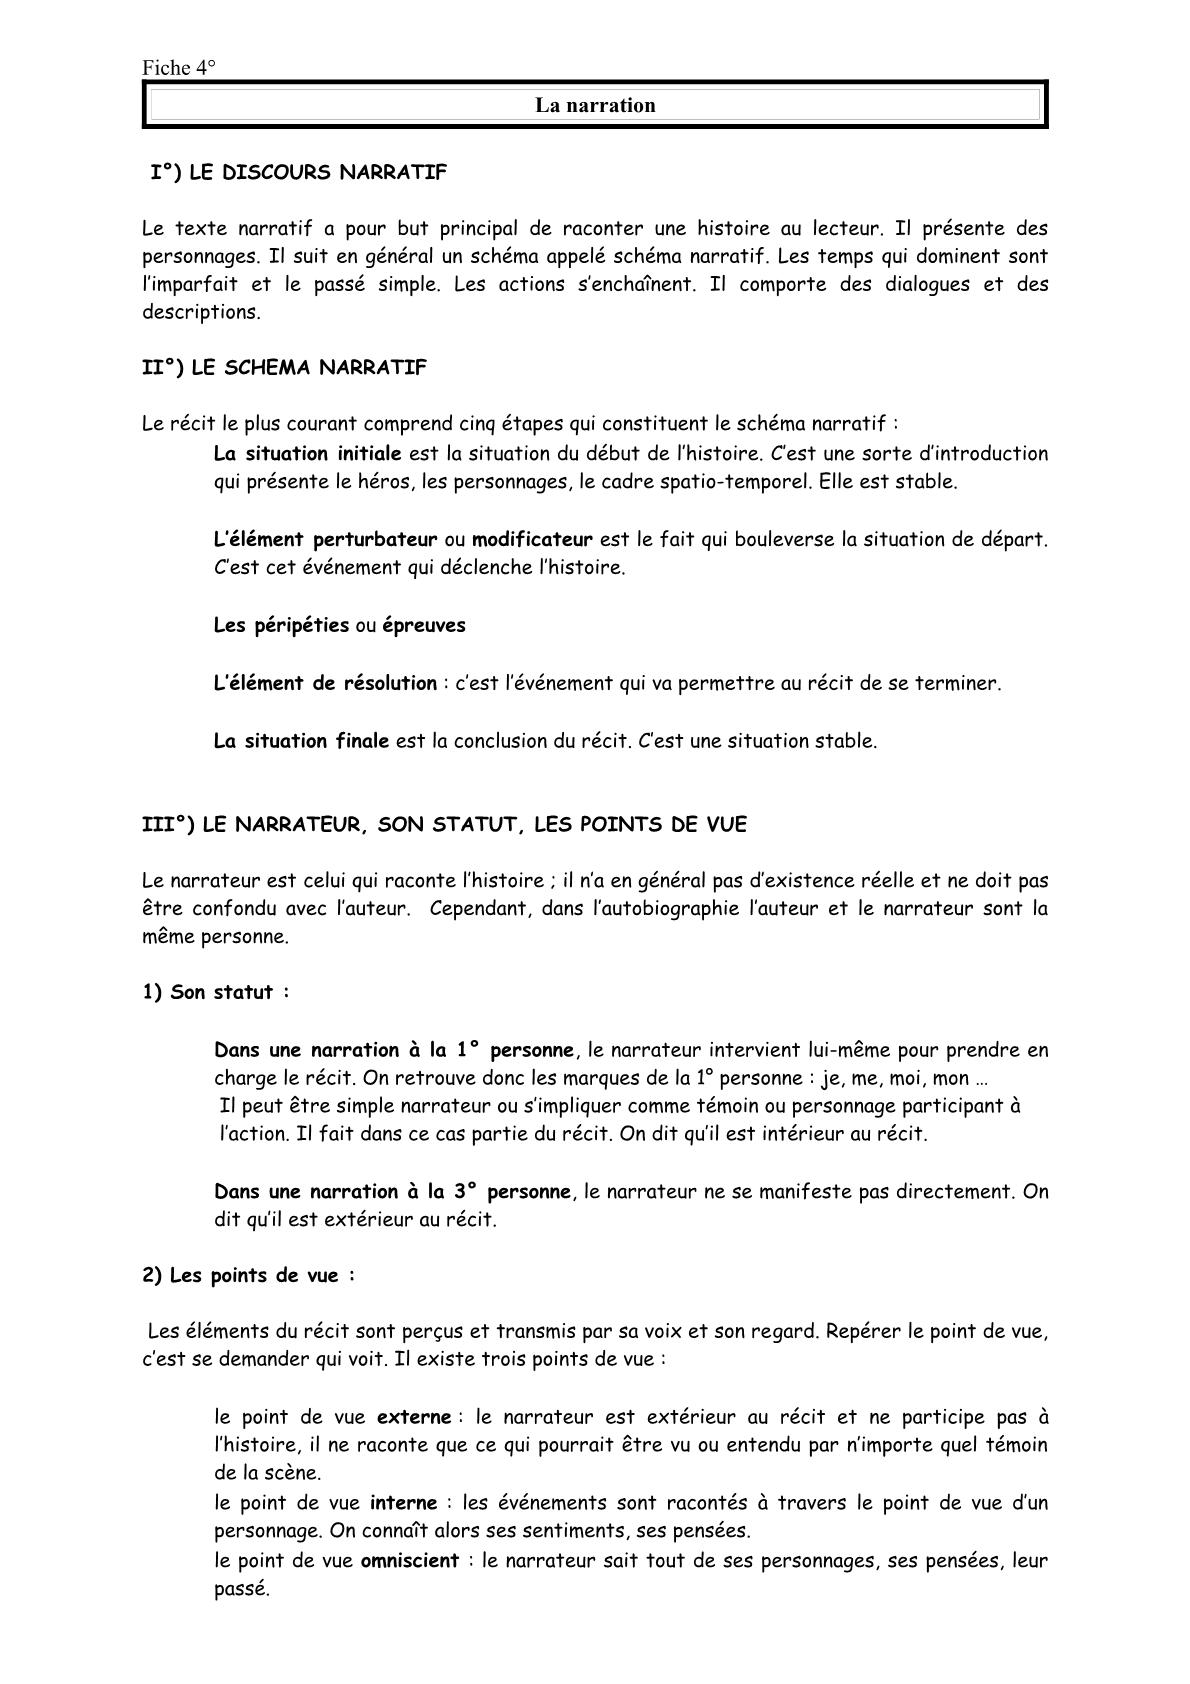 ملخص درس Le Texte Narratif الثانية اعدادي